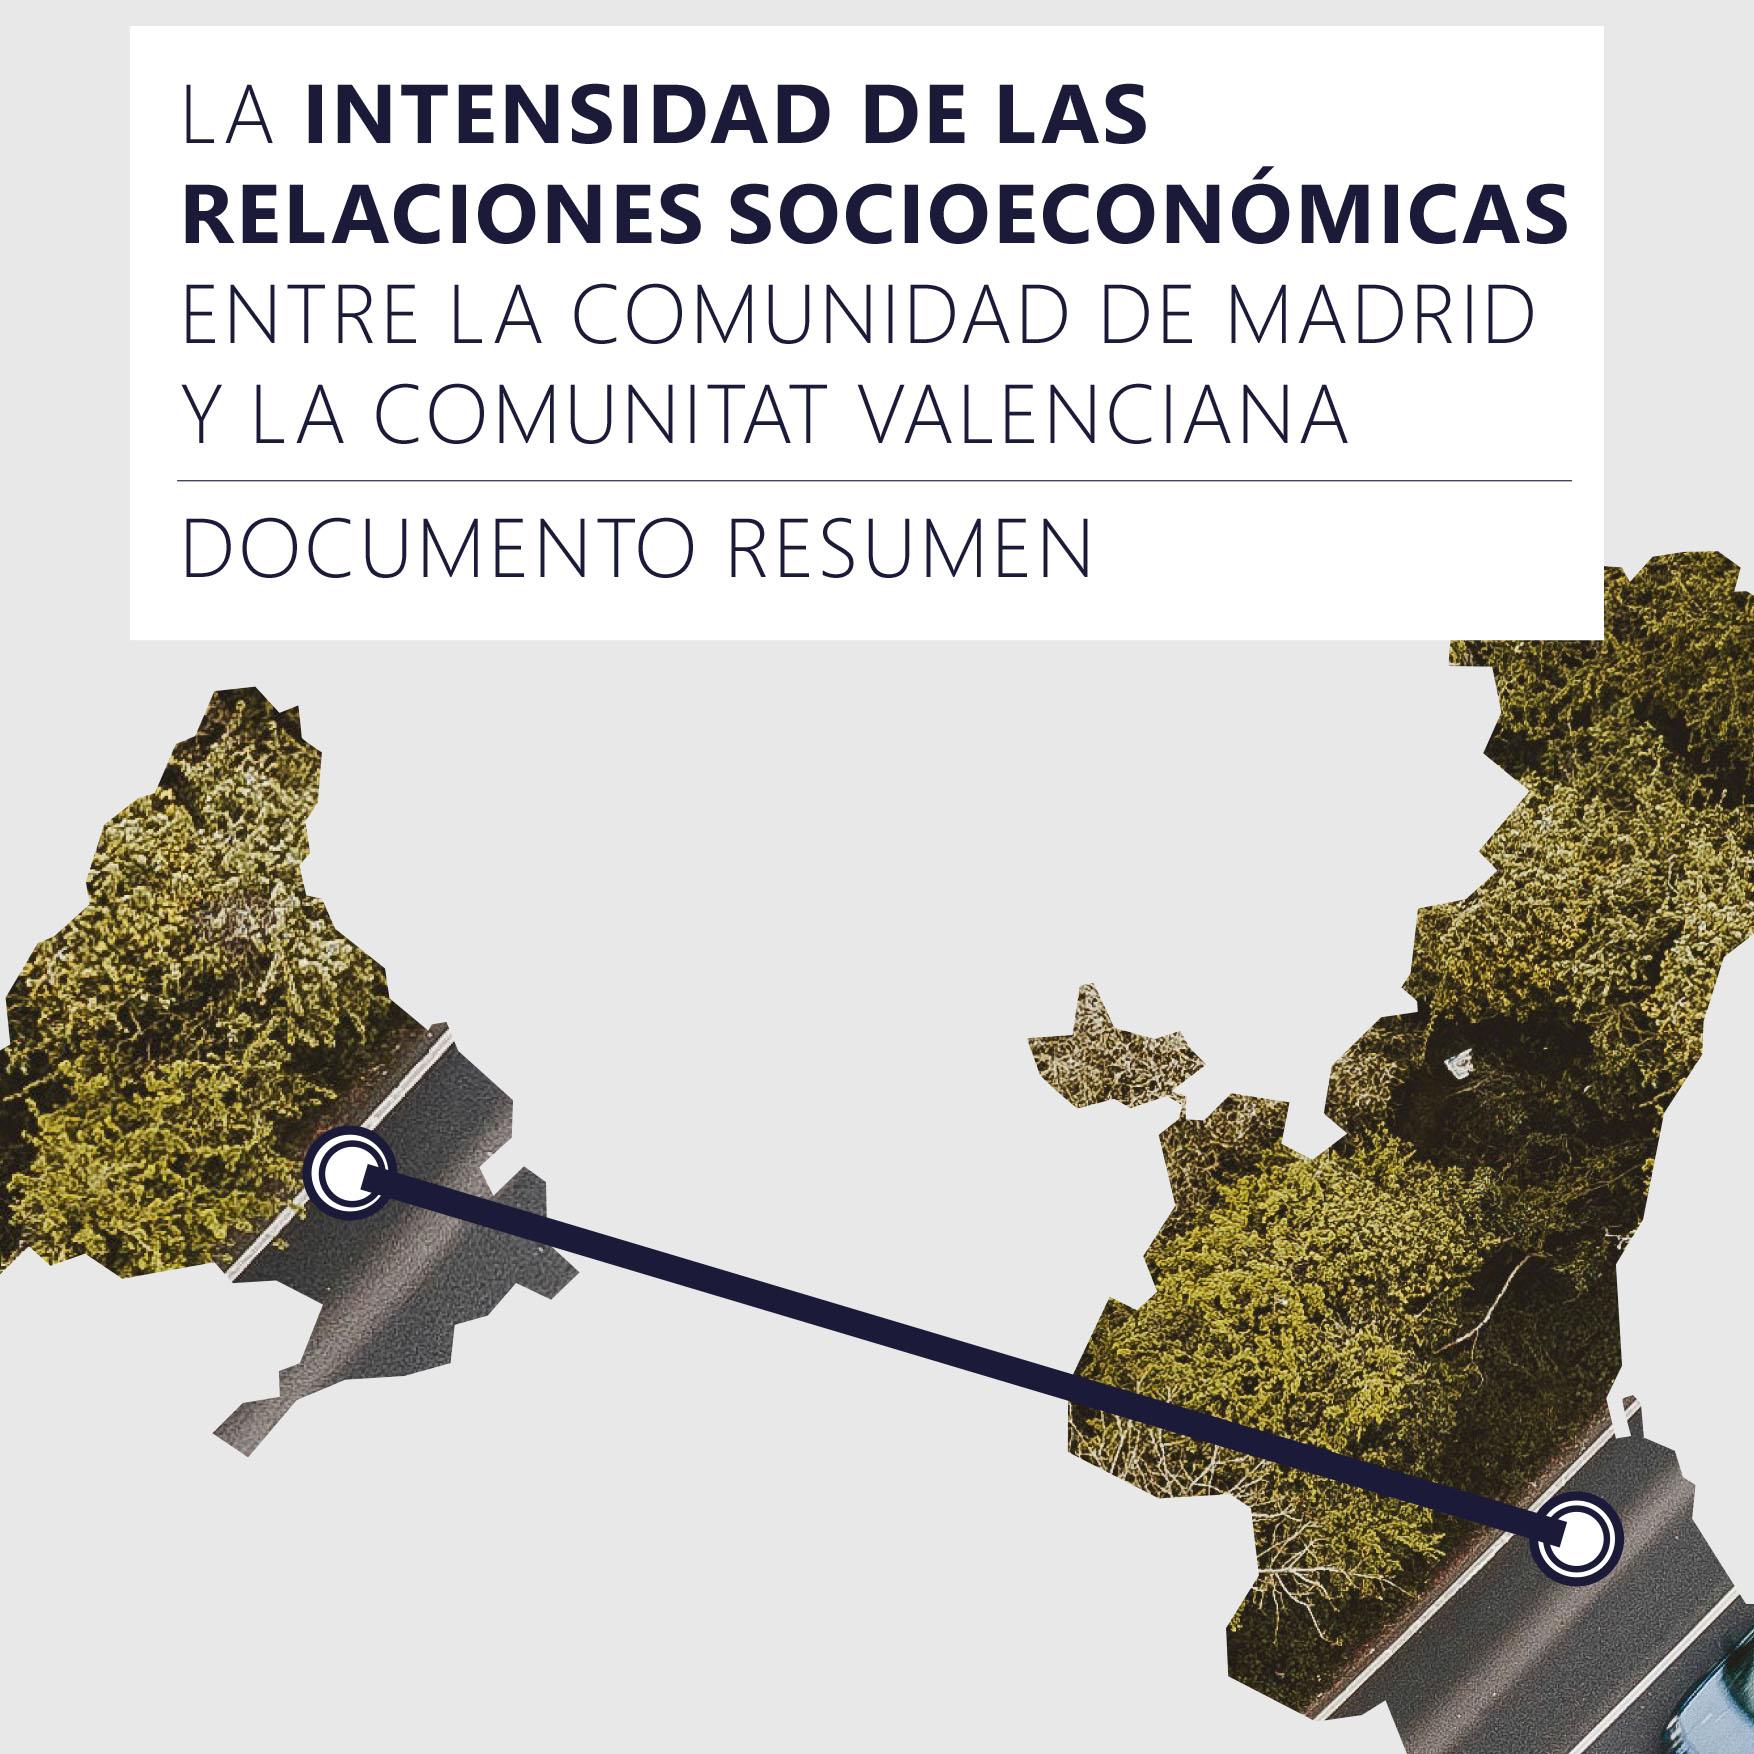 RESUMEN EJECUTIVO ESTUDIO ``LA INTENSIDAD DE LAS RELACIONES SOCIOECONÓMICAS ENTRE LA COMUNIDAD DE MADRID Y LA COMUNITAT VALENCIANA``